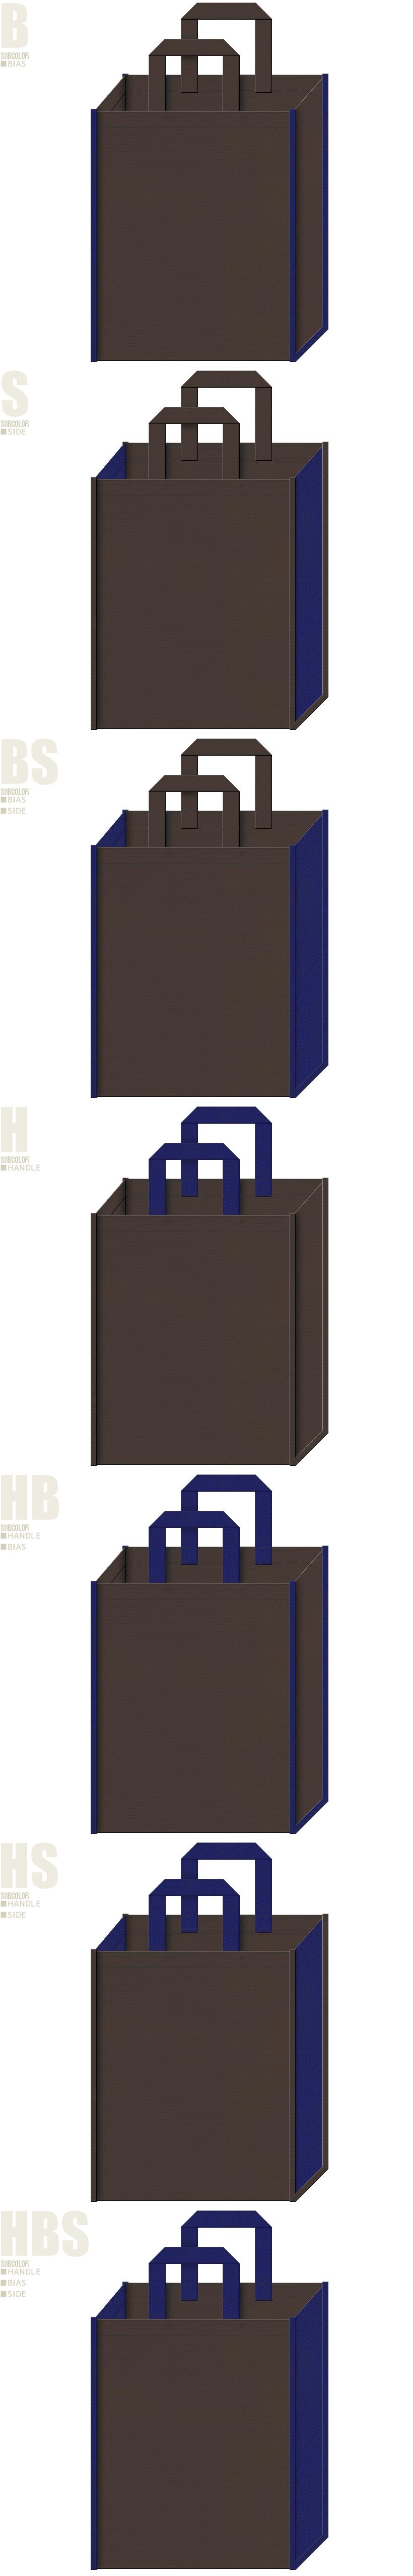 こげ茶色と明るめの紺色、7パターンの不織布トートバッグ配色デザイン例。